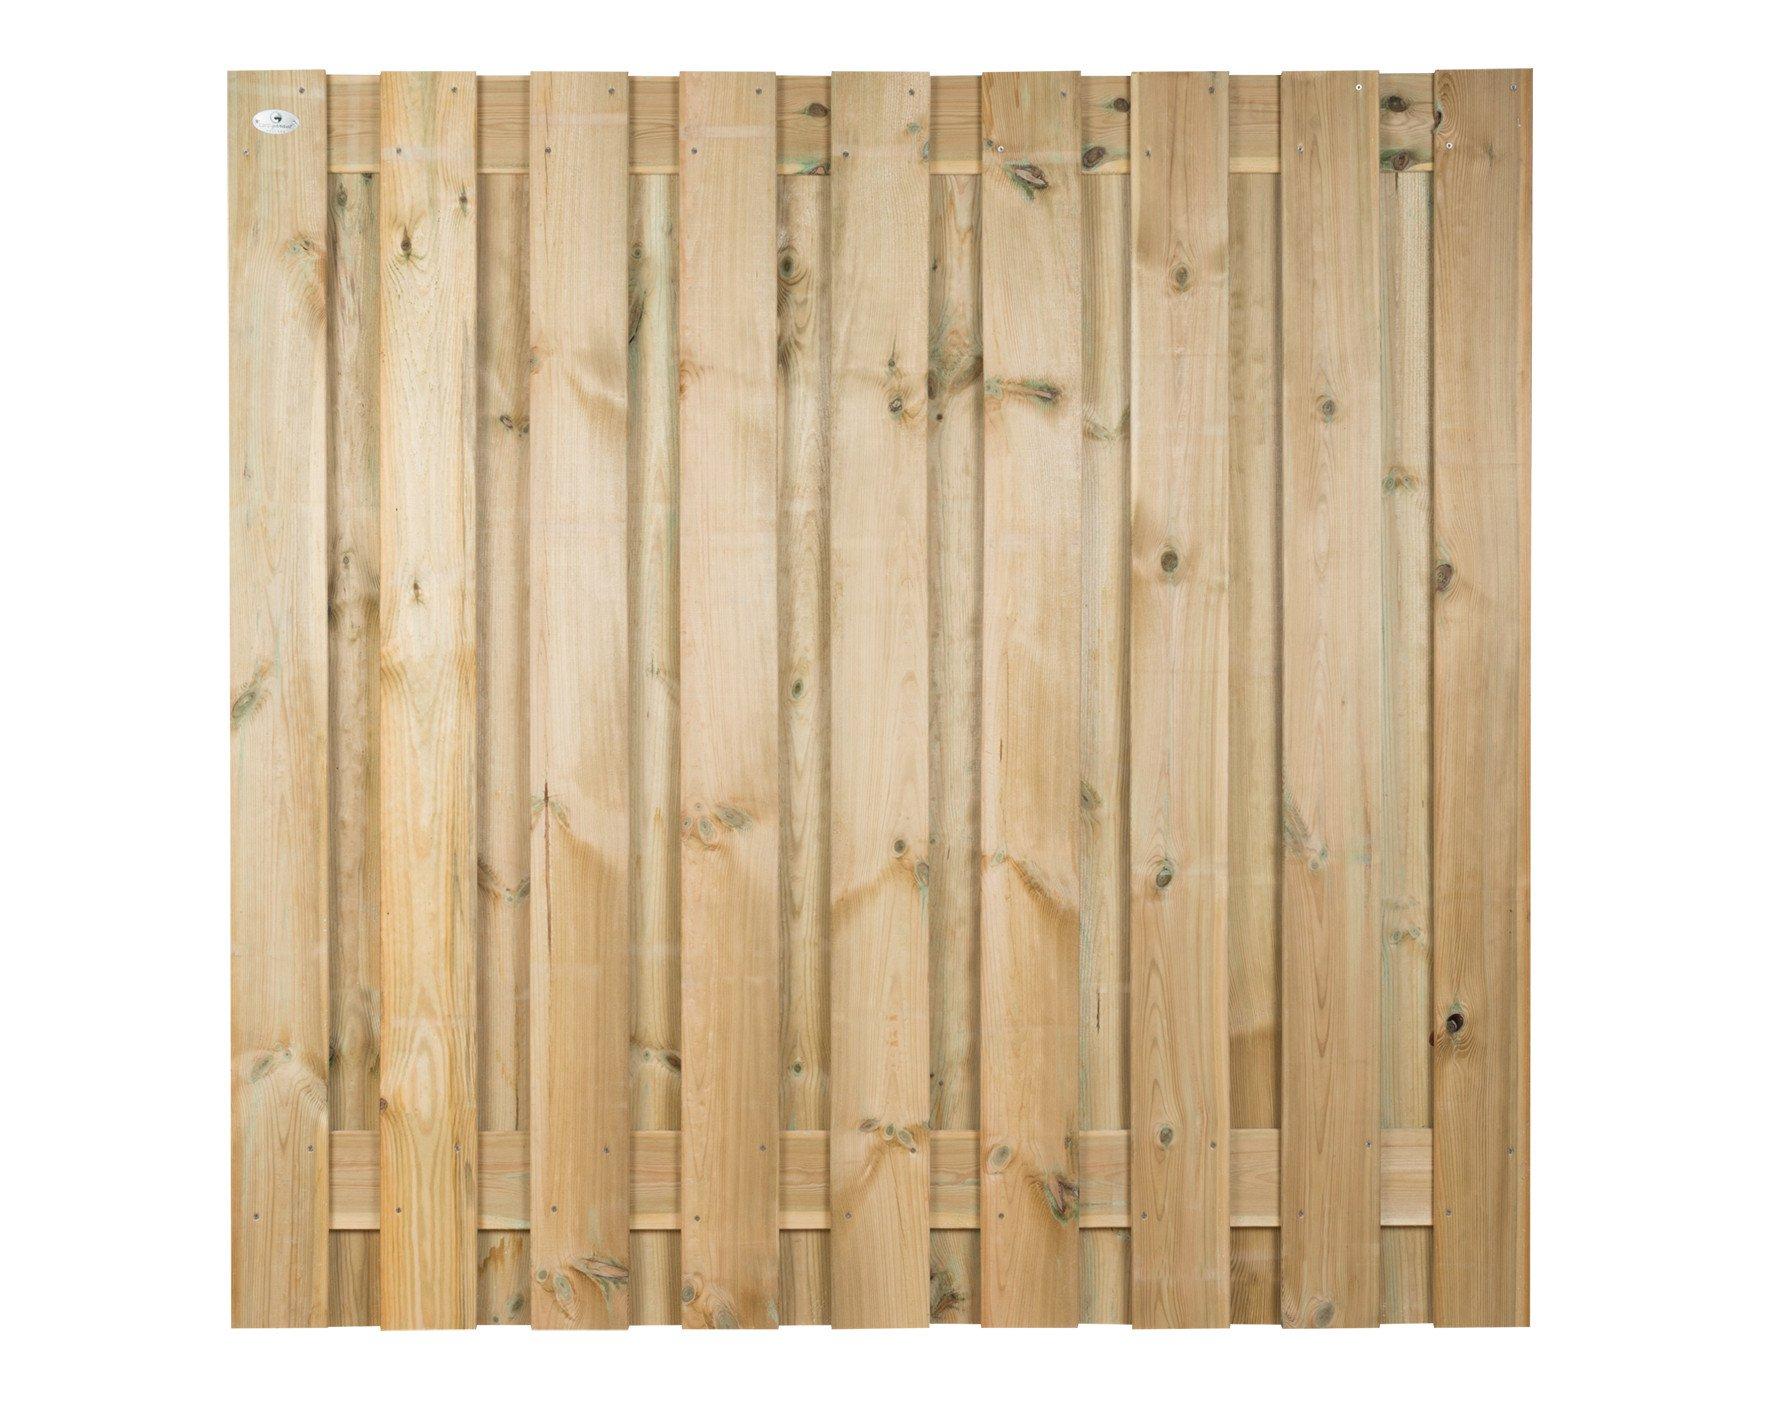 Houten schutting Grenen 180 x 180 cm Type: Betonbouw 19grenen betonbouw